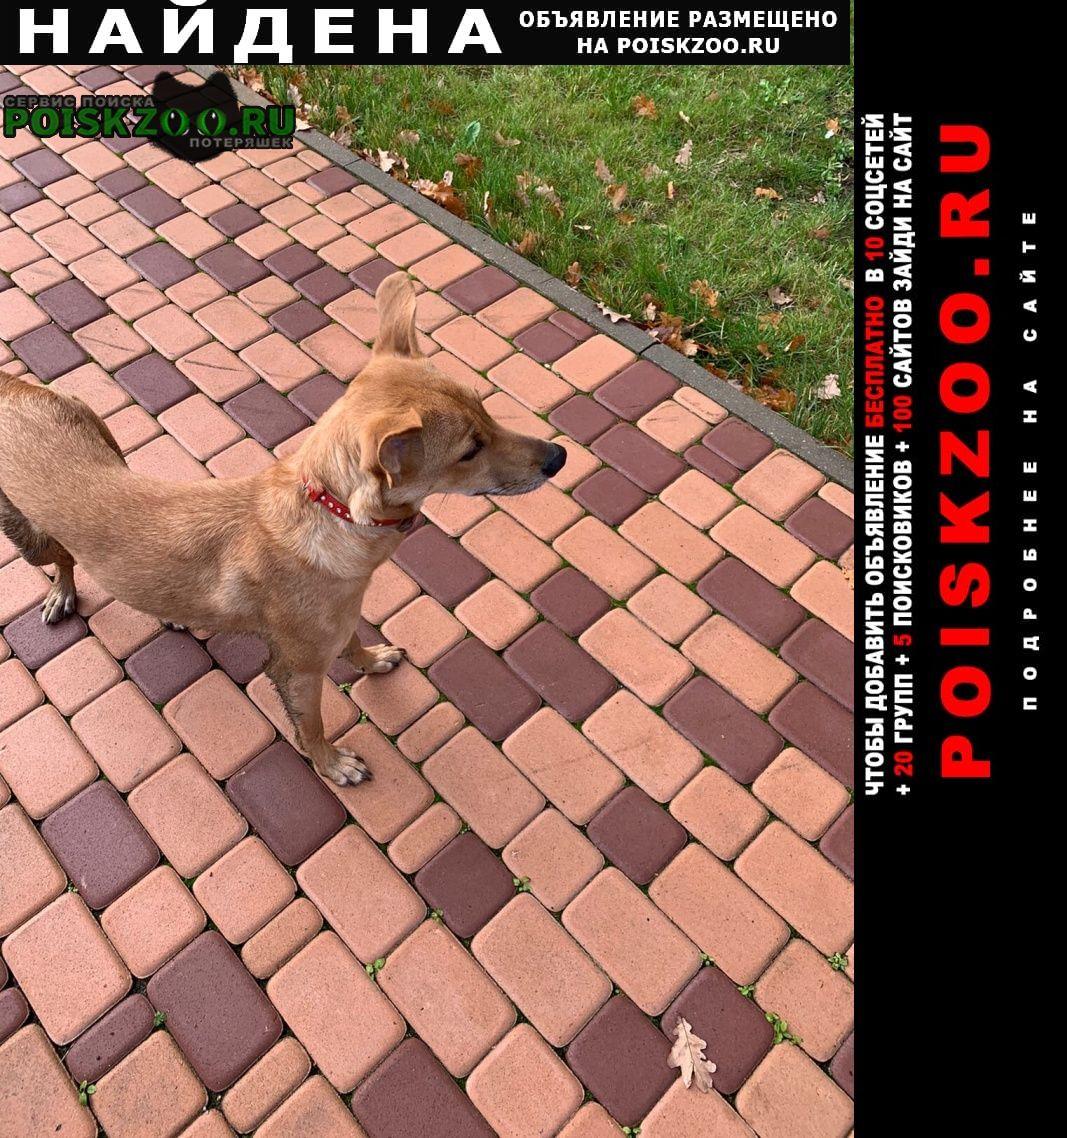 Найдена собака Долгопрудный